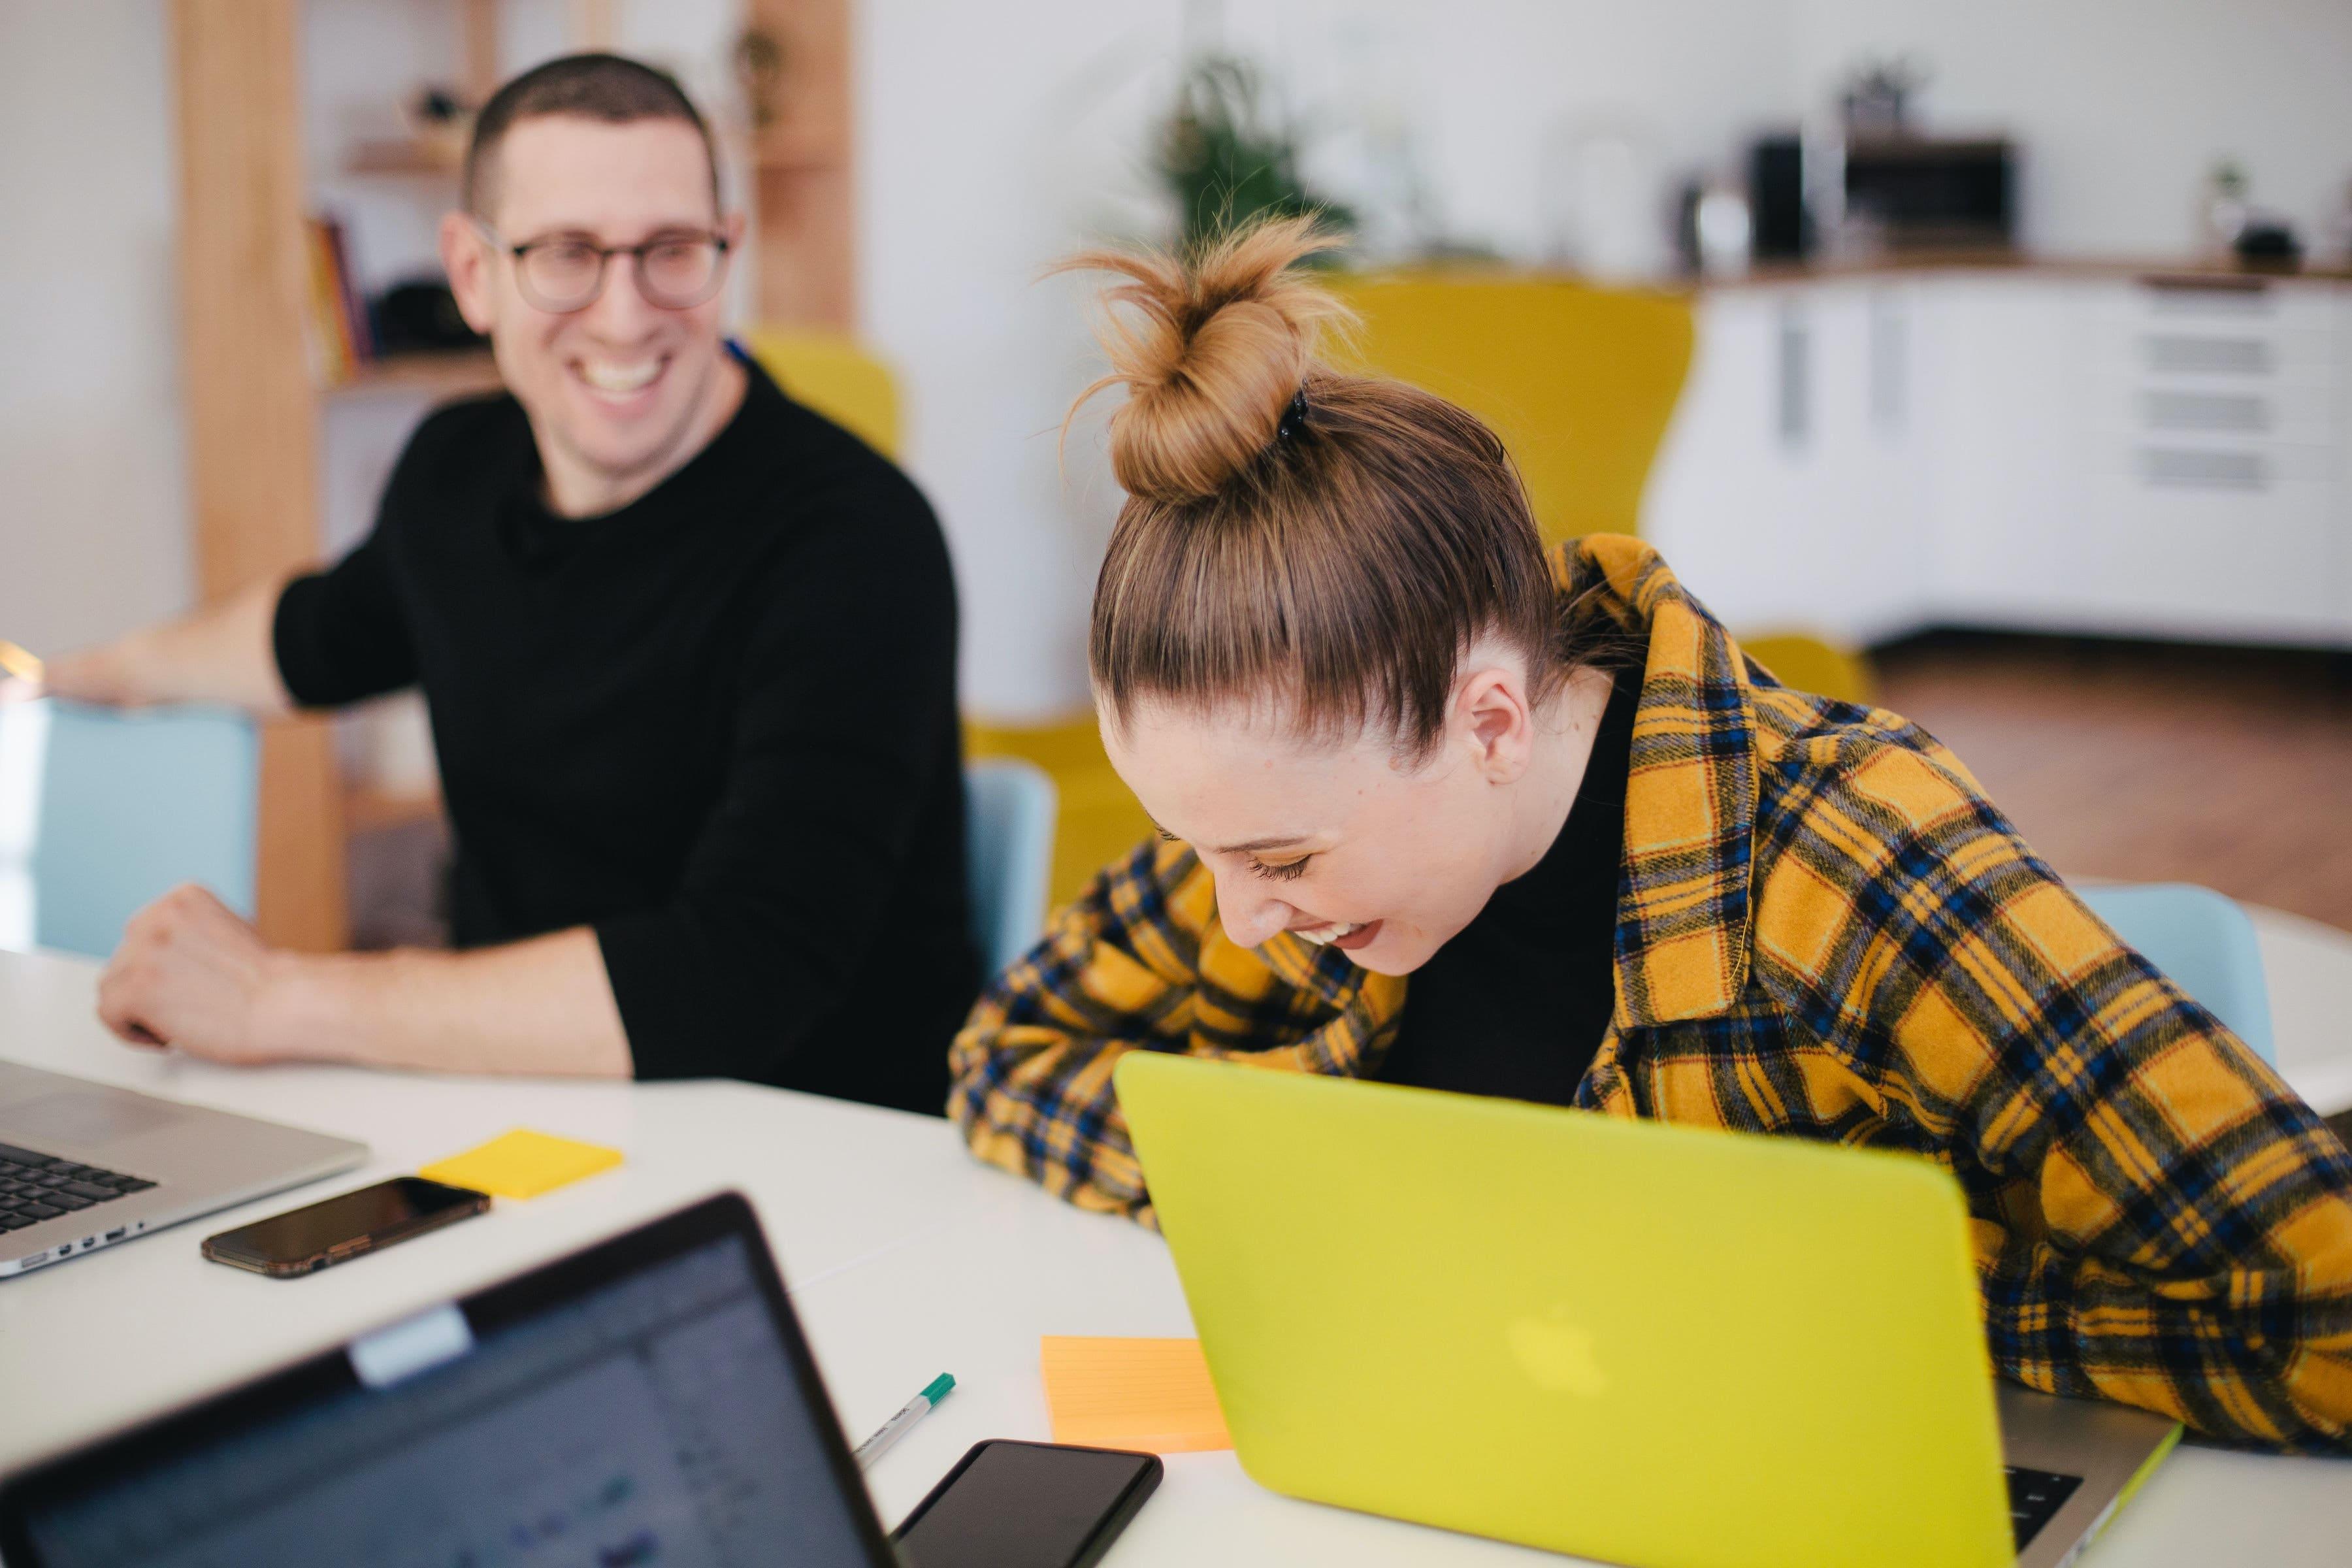 L'engagement collaborateur : pourquoi est-ce un enjeu majeur pour votre démarche RSE ?